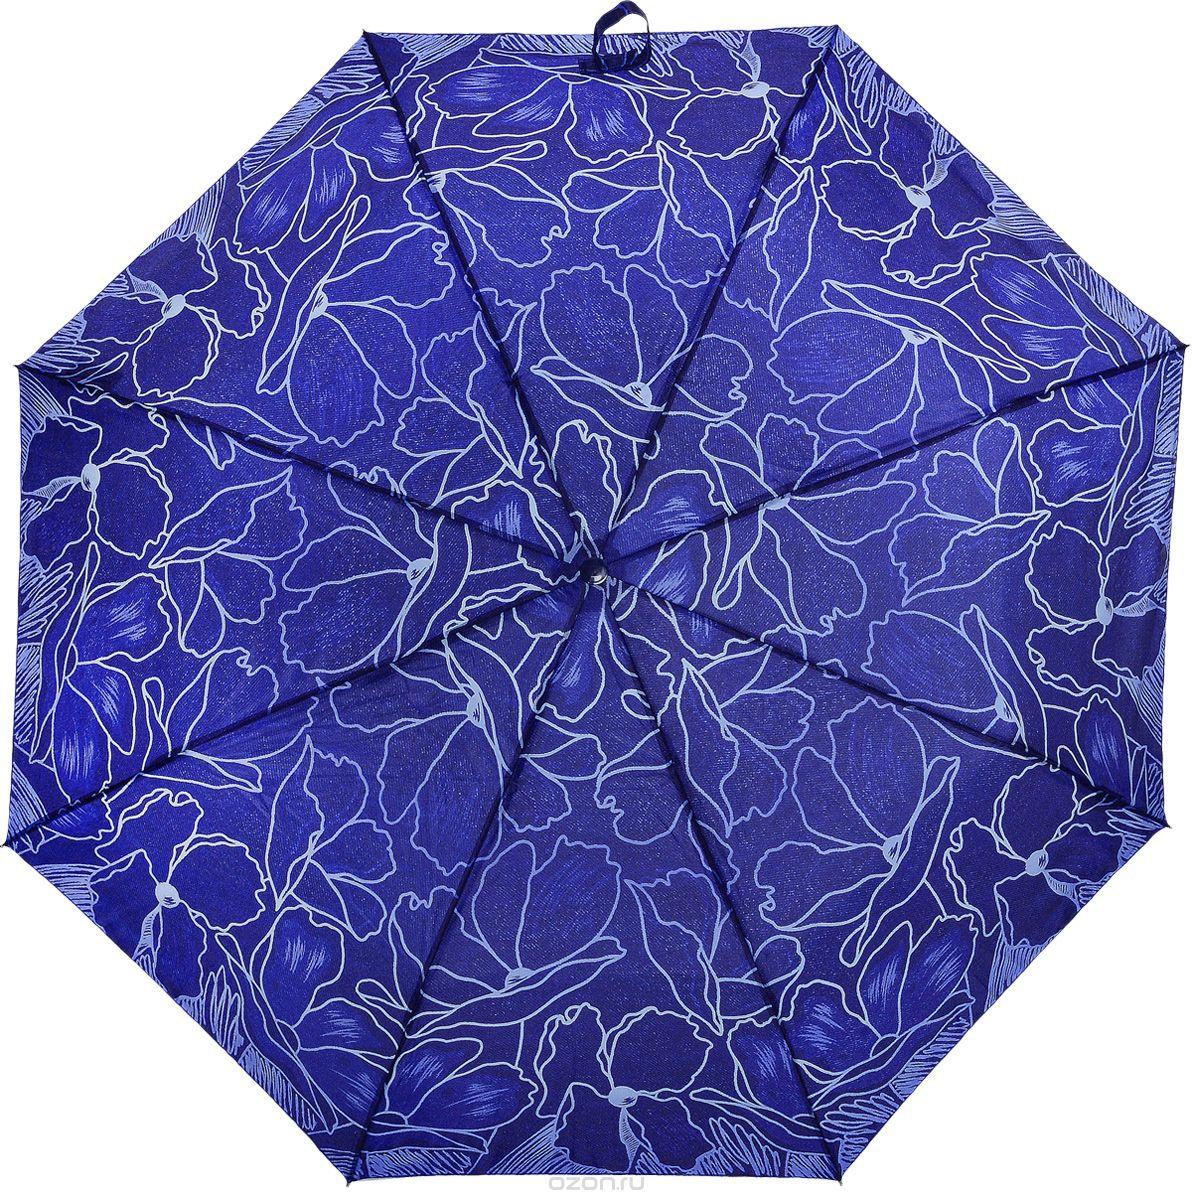 Зонт женский Prize, механический, 3 сложения, цвет: синий, голубой. 355-417